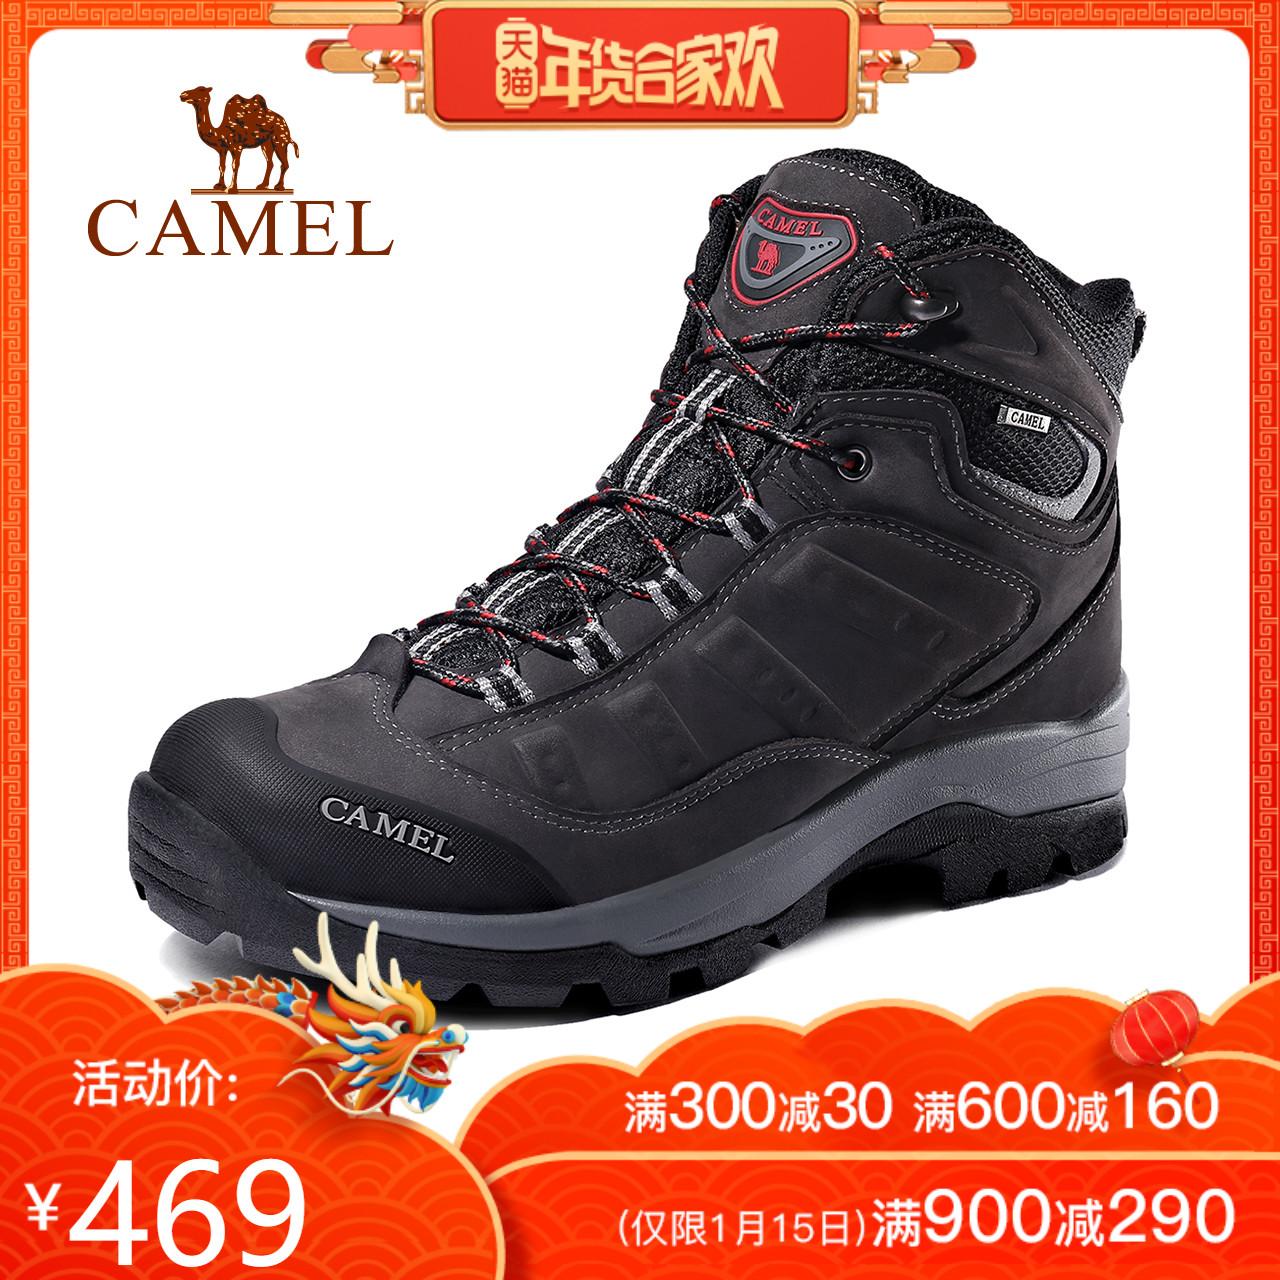 CAMEL/骆驼户外男登山鞋 耐磨高帮防撞防滑系带减震徒步登山鞋男